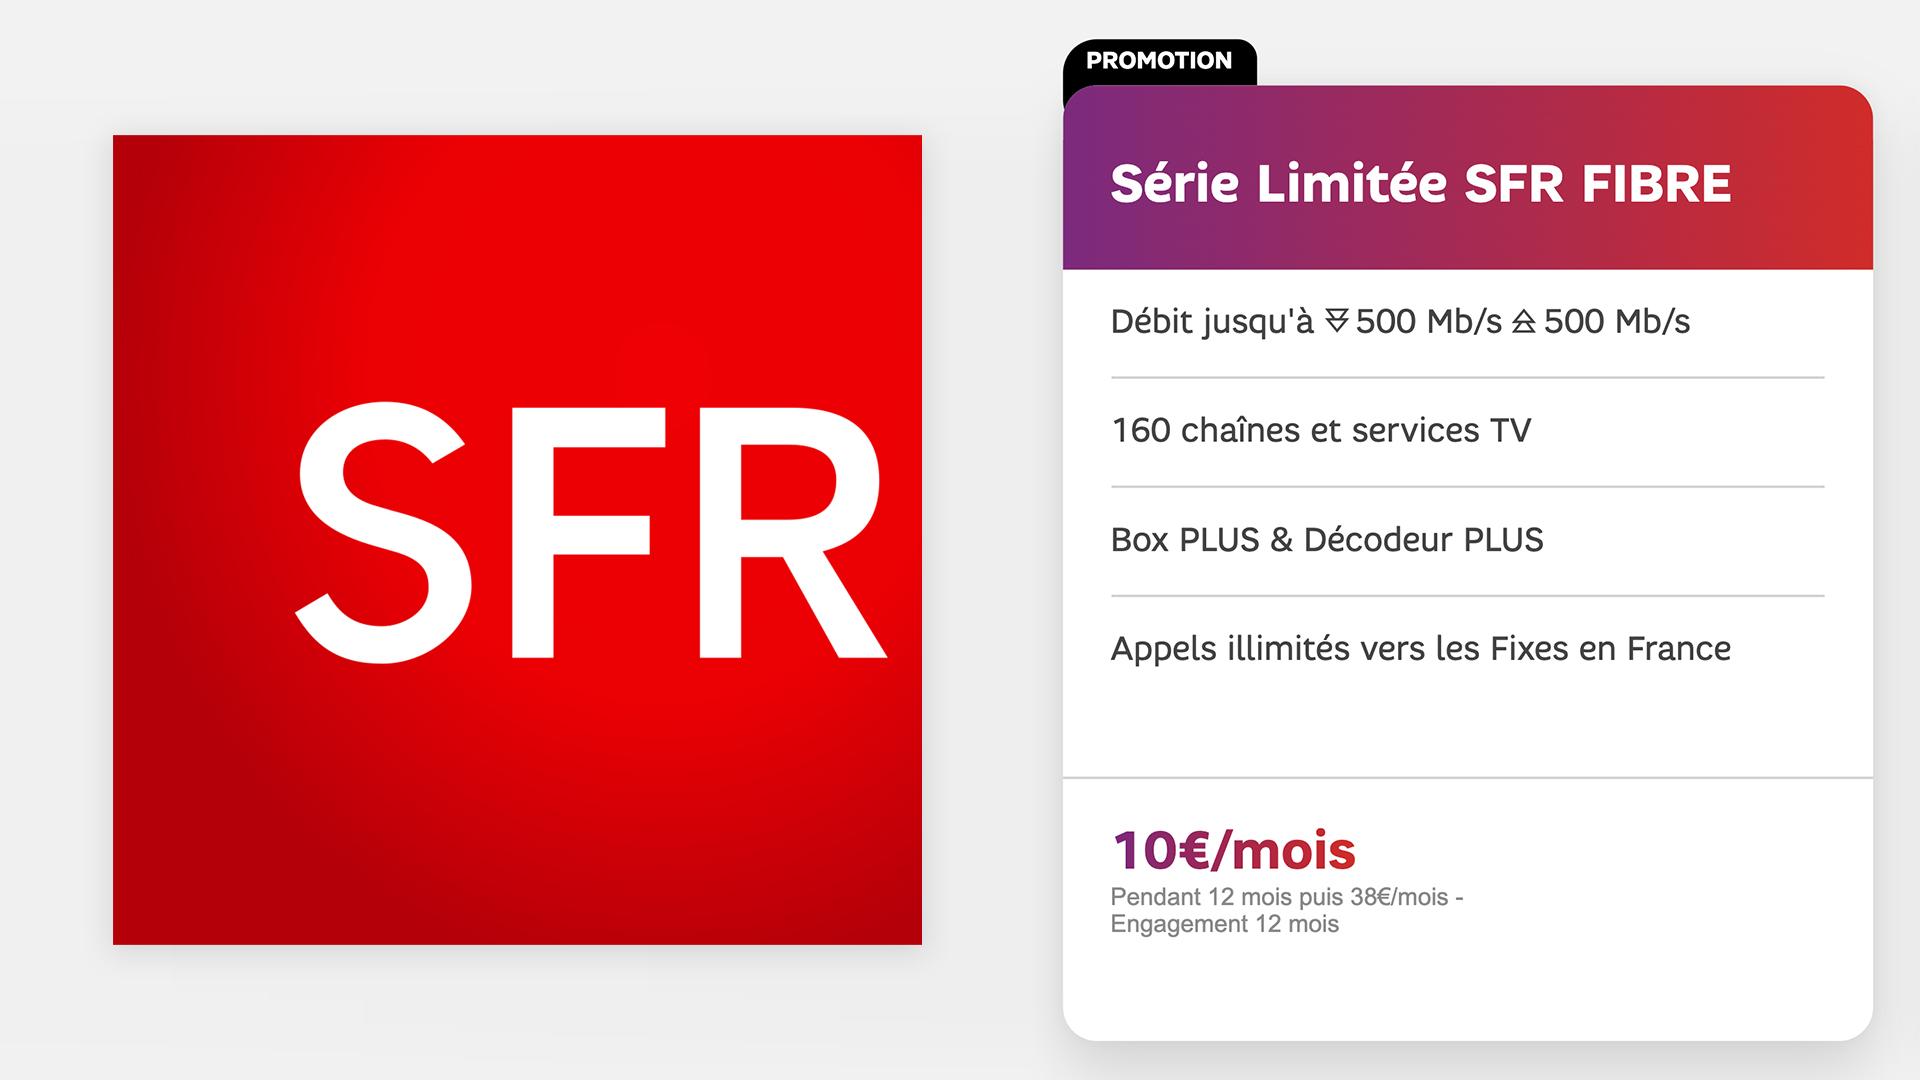 La meilleure offre fibre à 10 euros du moment est chez SFR